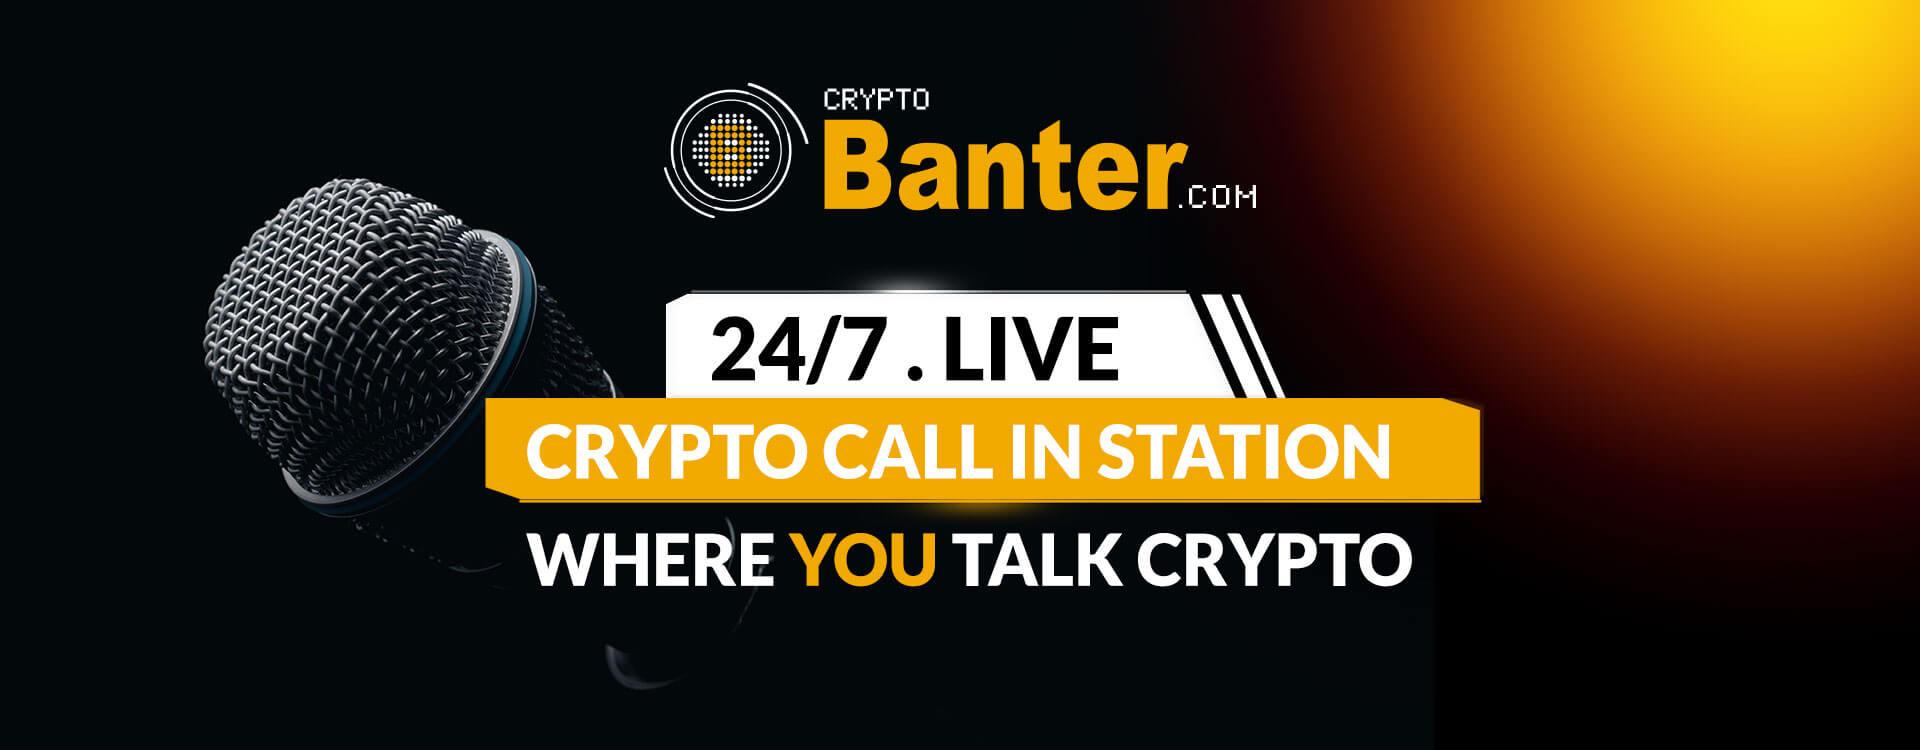 Crypto Banter Main Banner